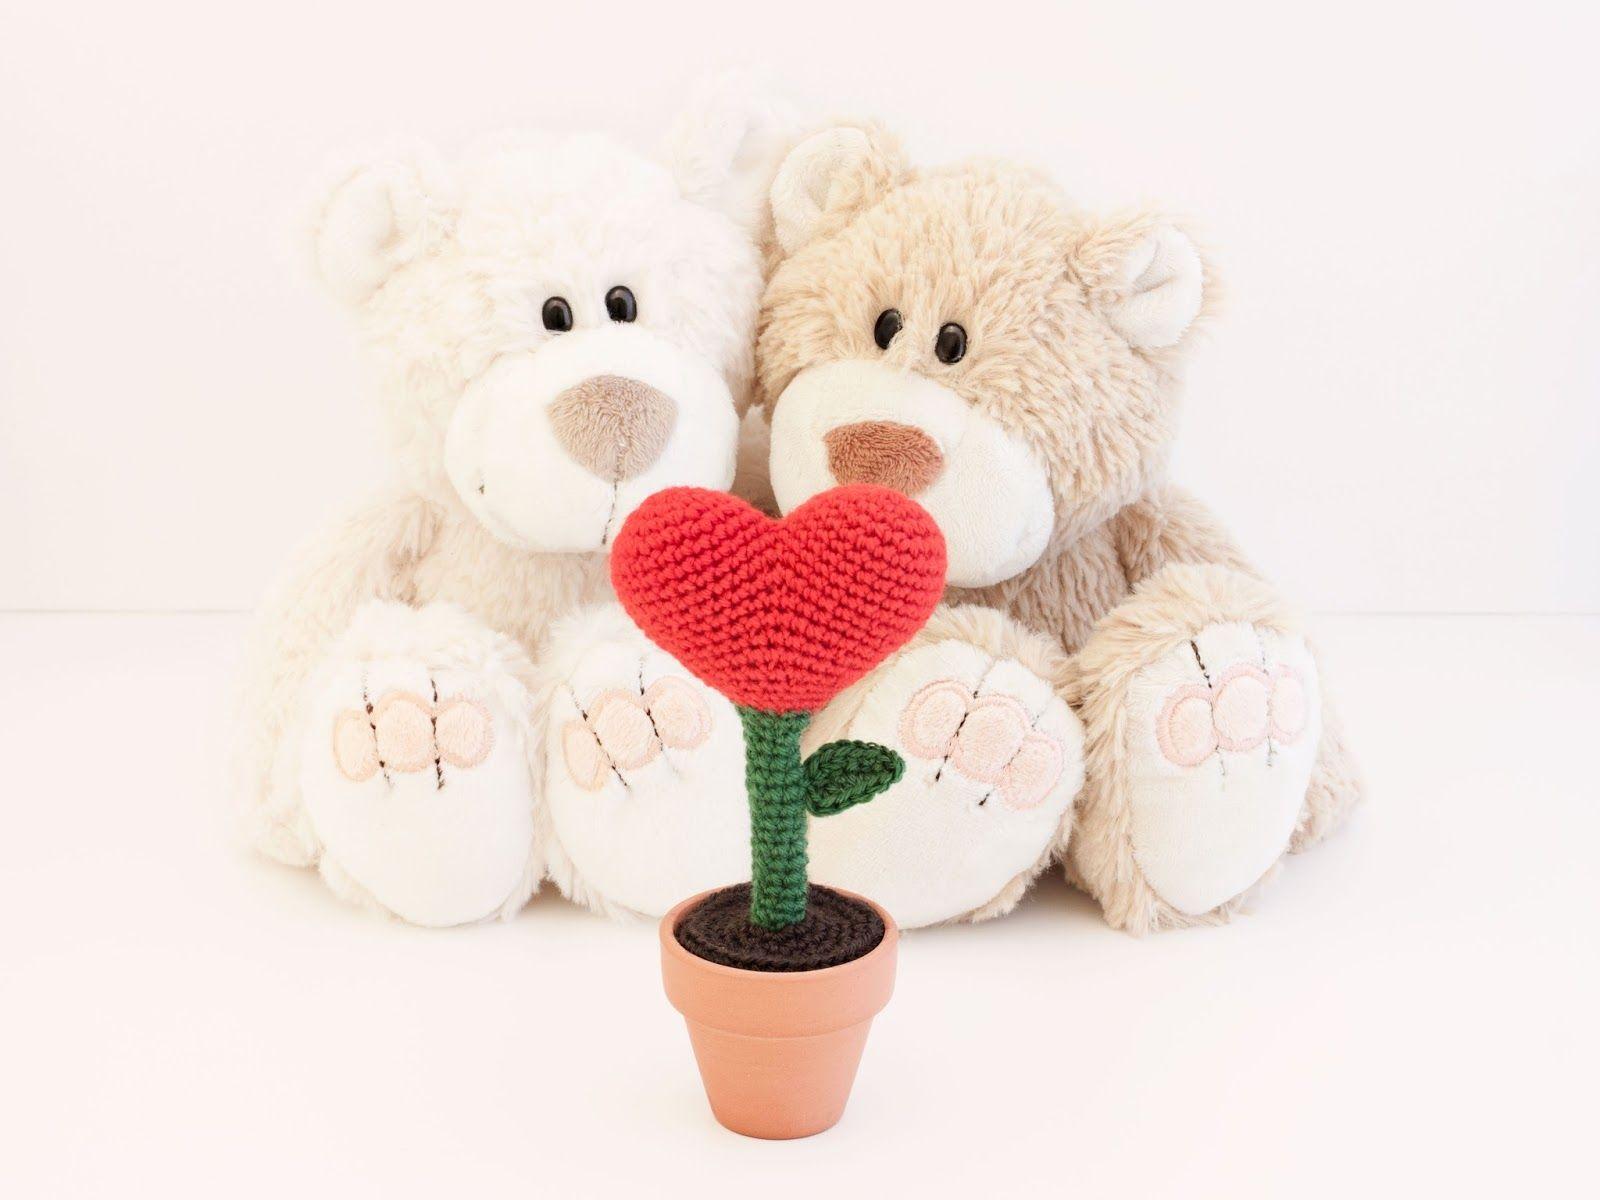 Amigurumi Corazon : Amigurumi flor corazon (patron gratis) - amigurumi hearts ...